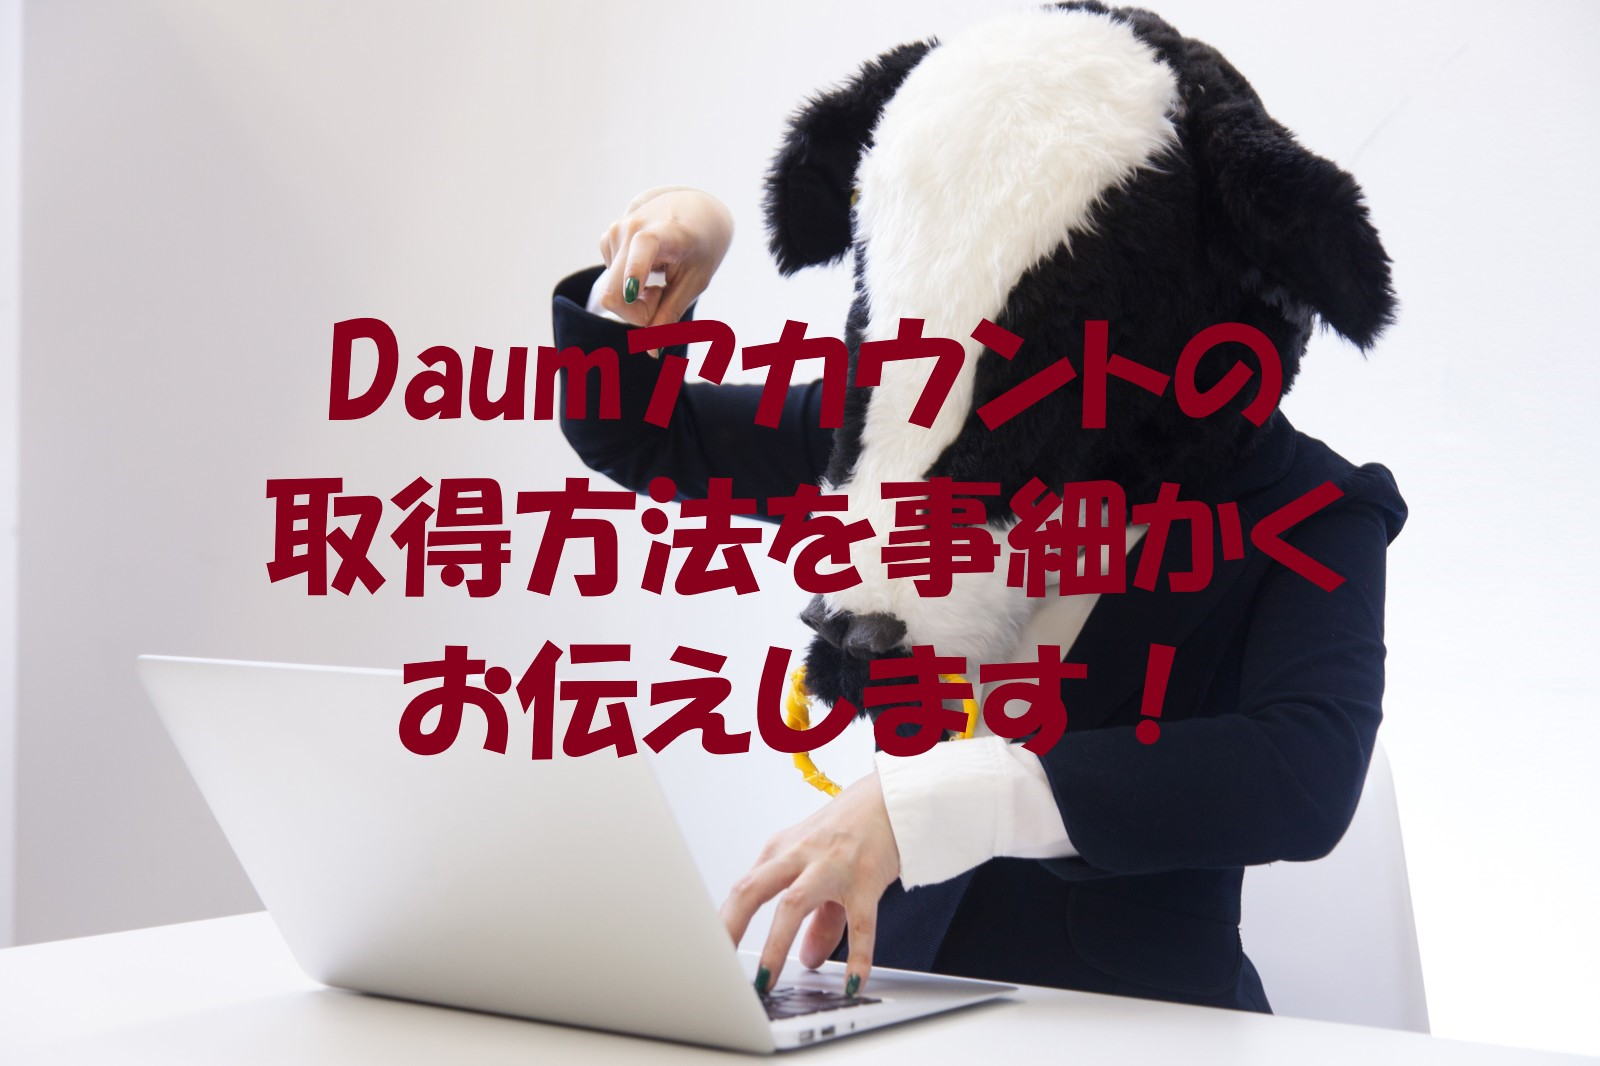 日本の携帯電話番号でOK!!iPhoneやパソコンで、Daumアカウントの取得方法を事細かくお伝えします!